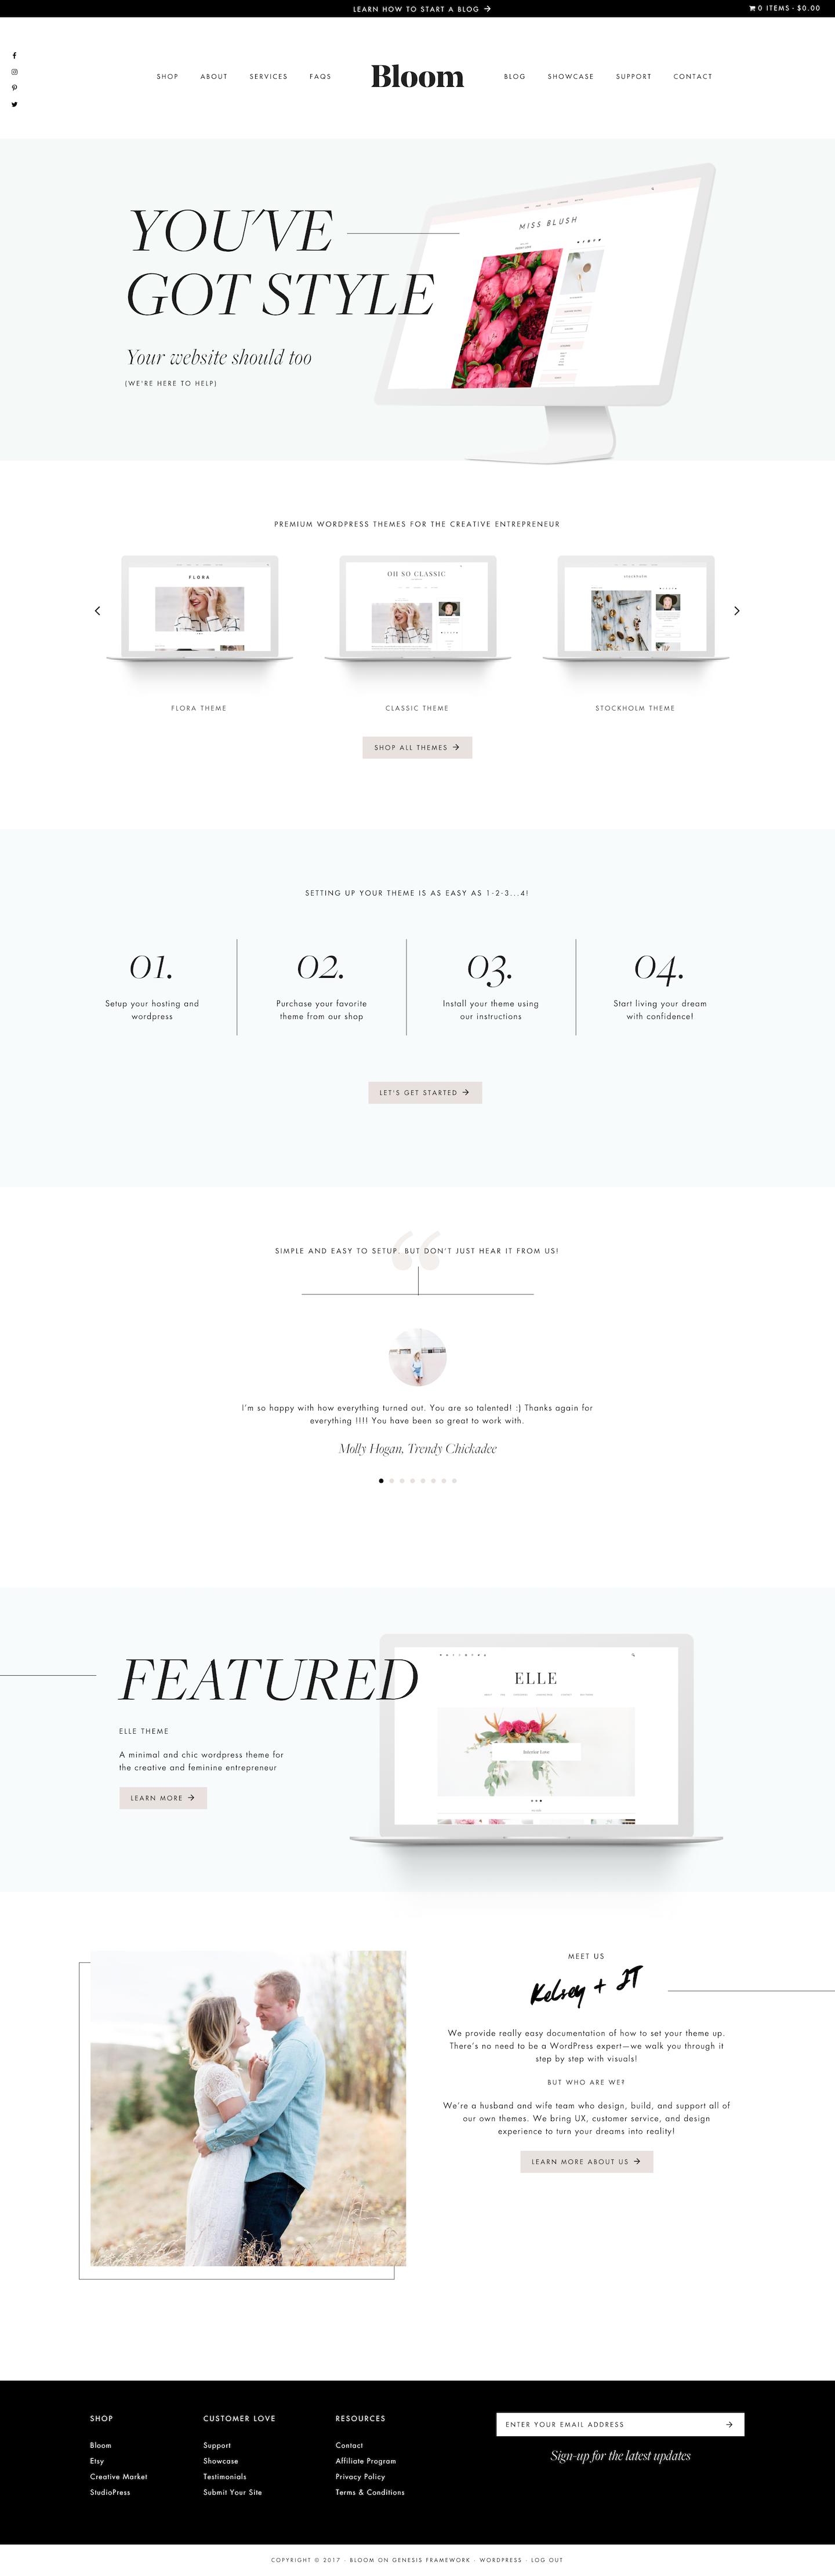 Designbybloom.co